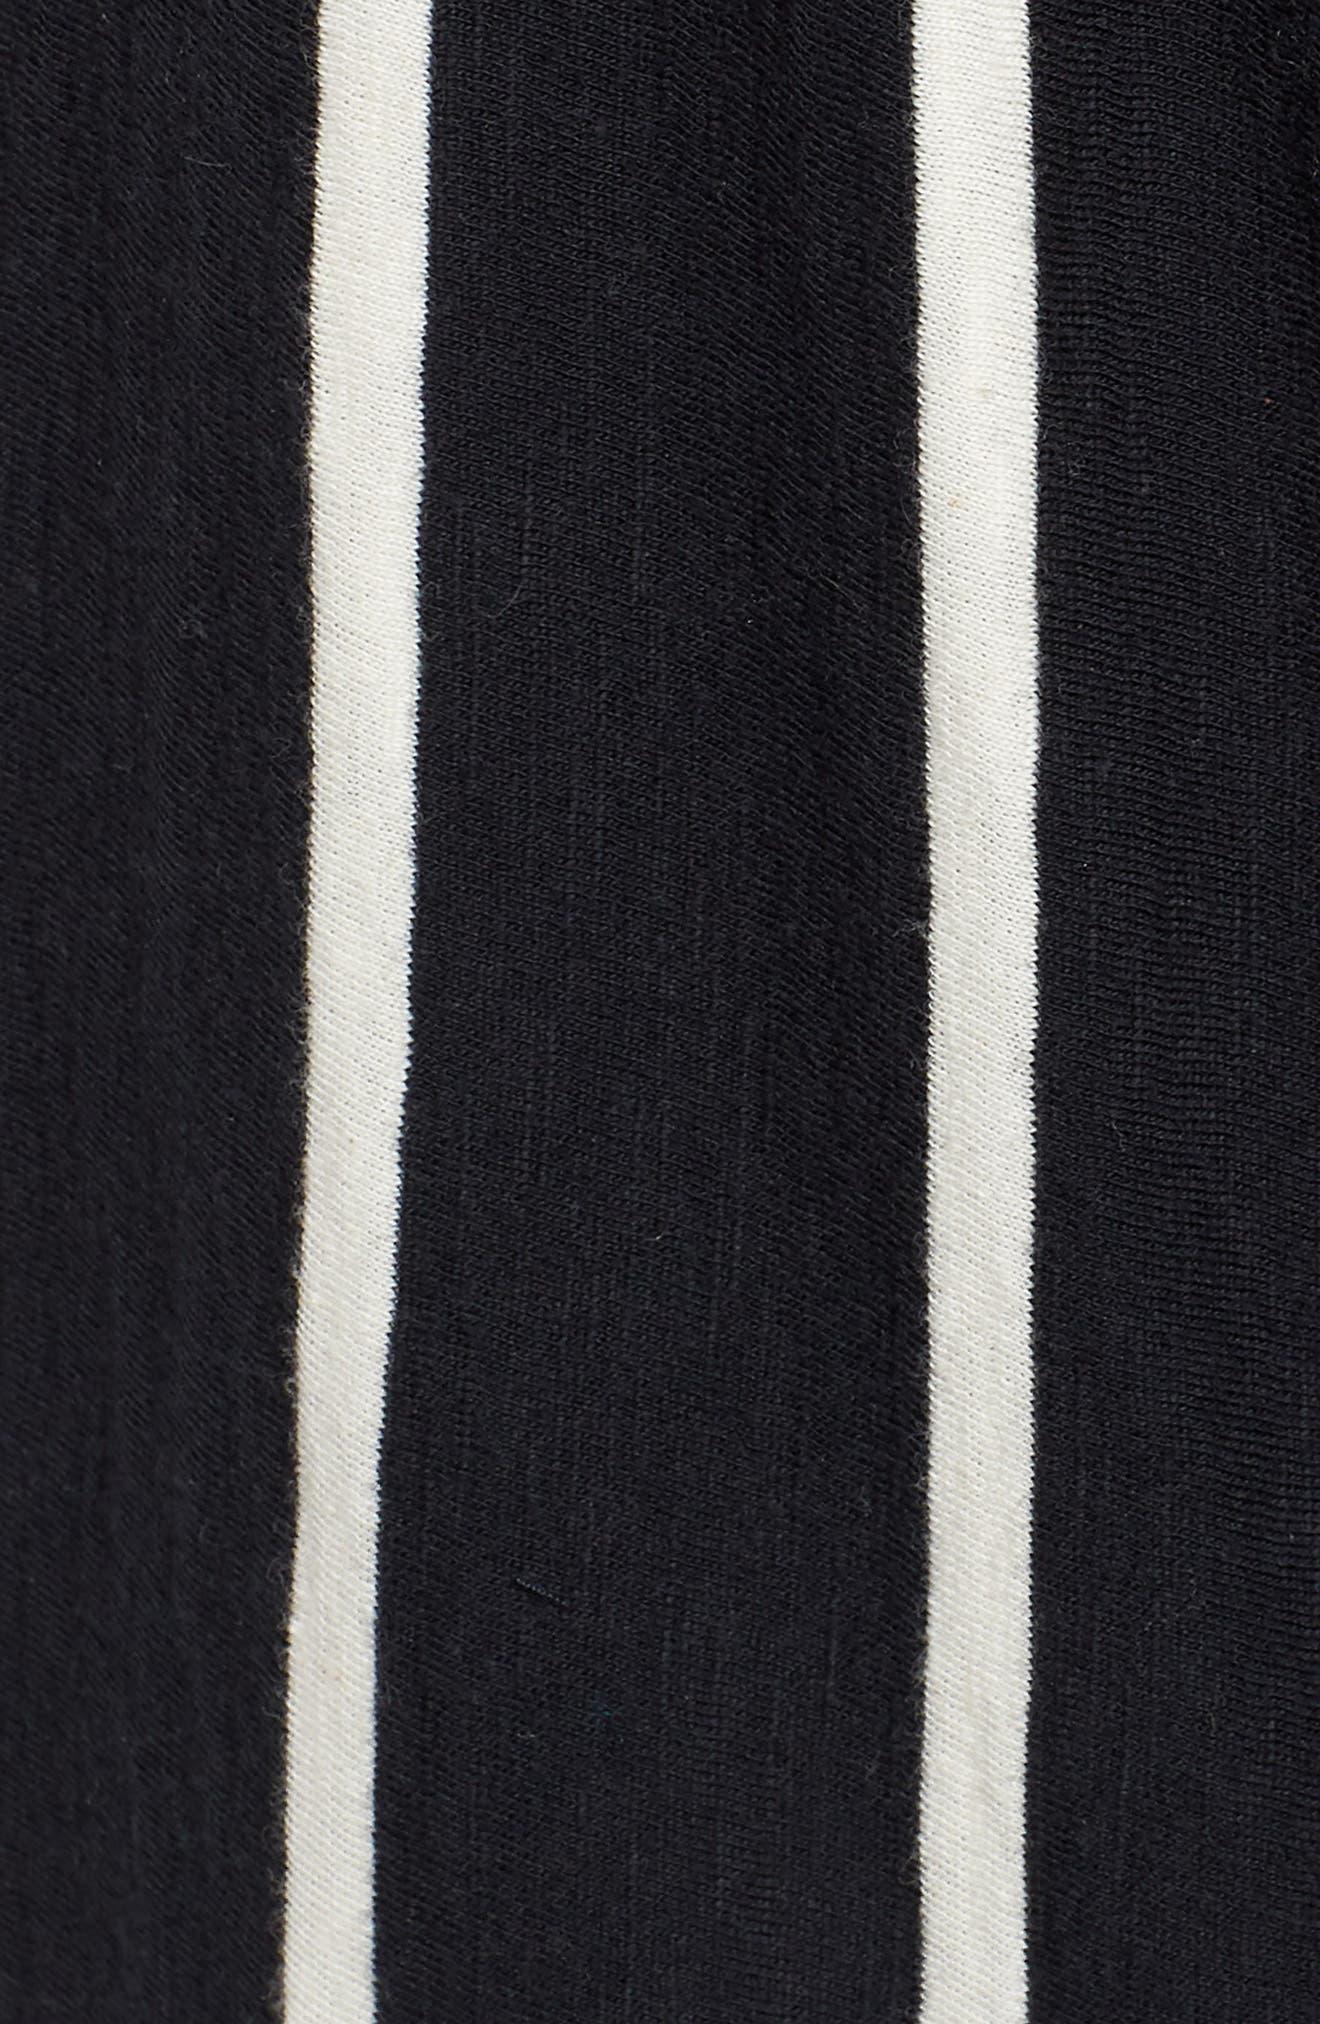 Stripe Organic Cotton Capri Pants,                             Alternate thumbnail 6, color,                             Black/ White